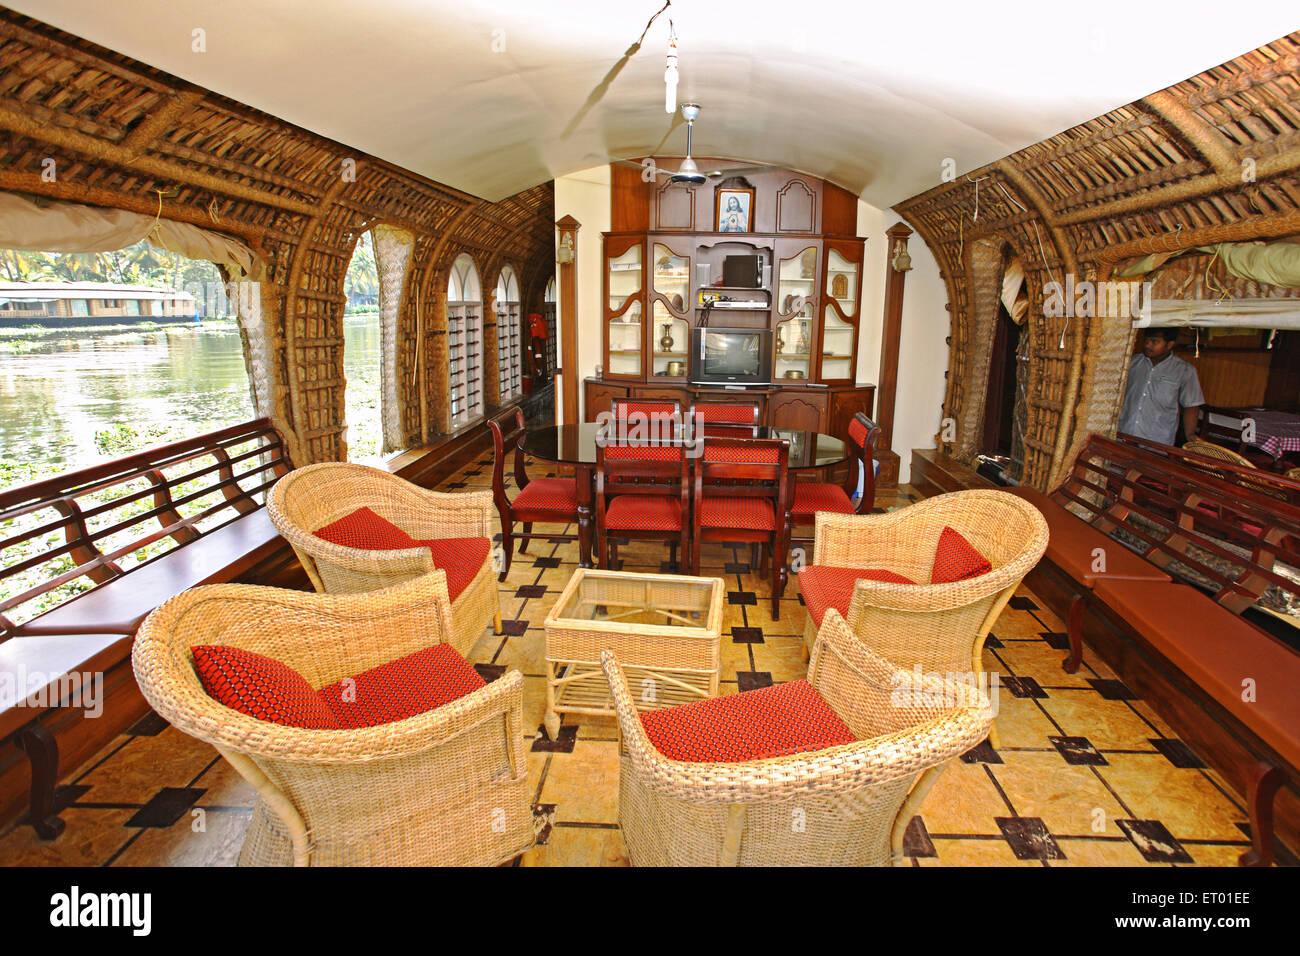 Salon luxueux en péniche dans l'eau dormante; Alleppey Alappuzha Kerala; Inde; Photo Stock